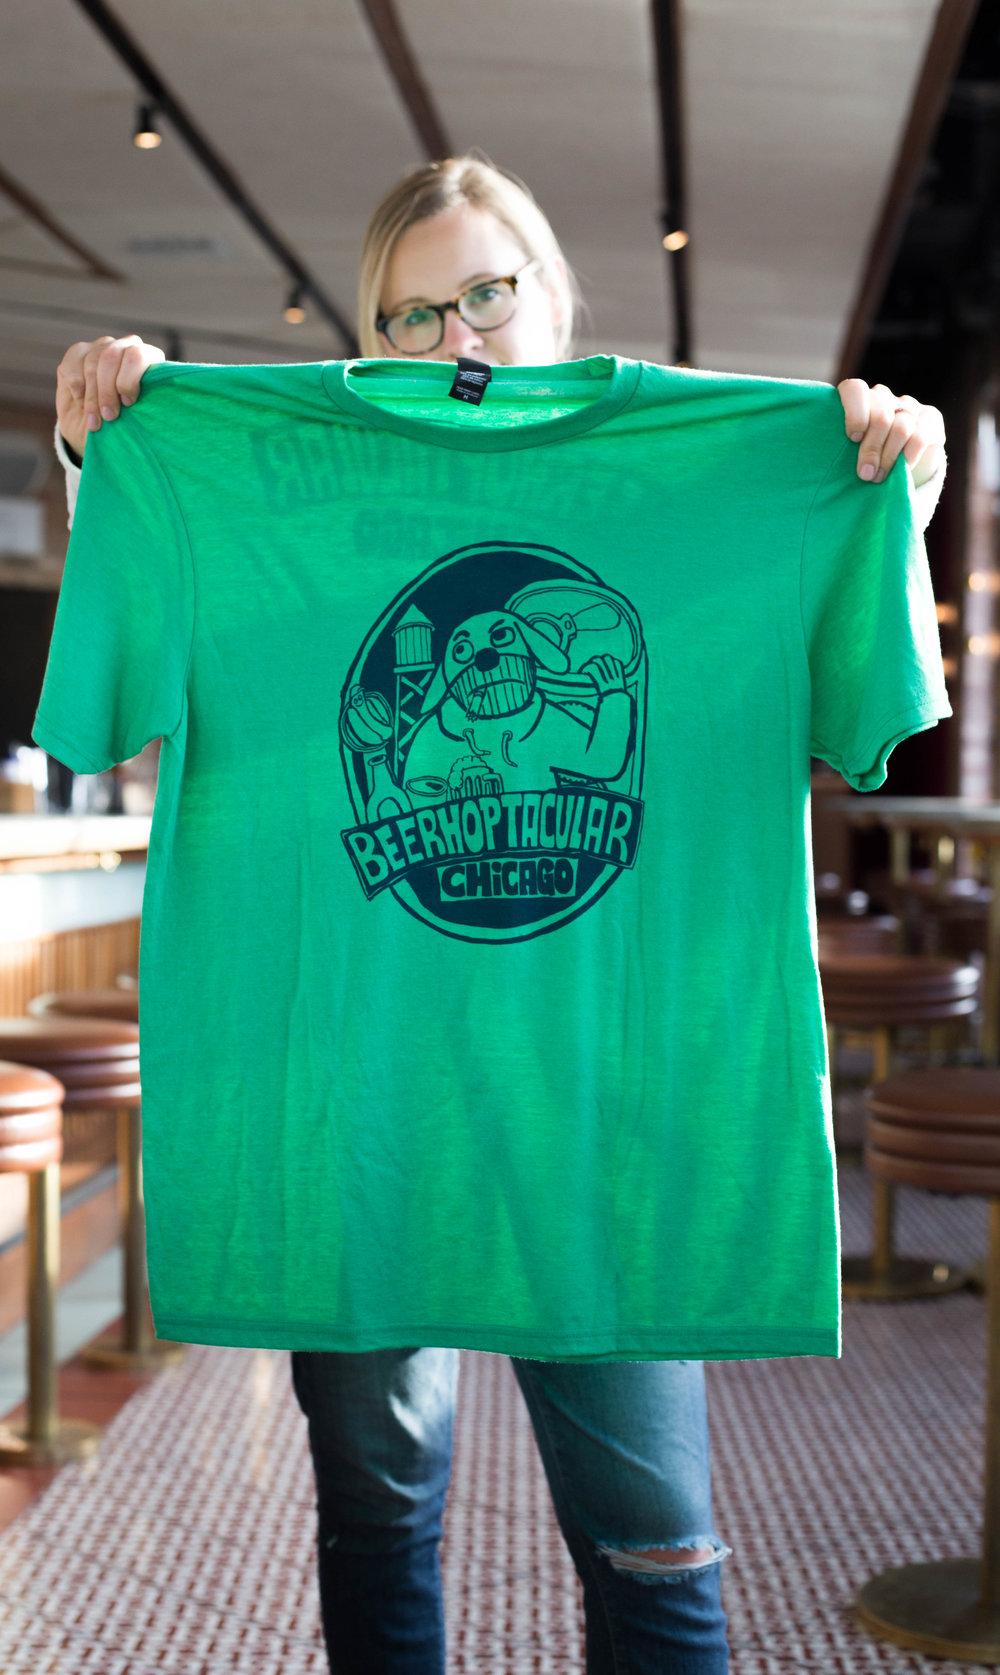 BeerHoptacular Limited Edition Shirt